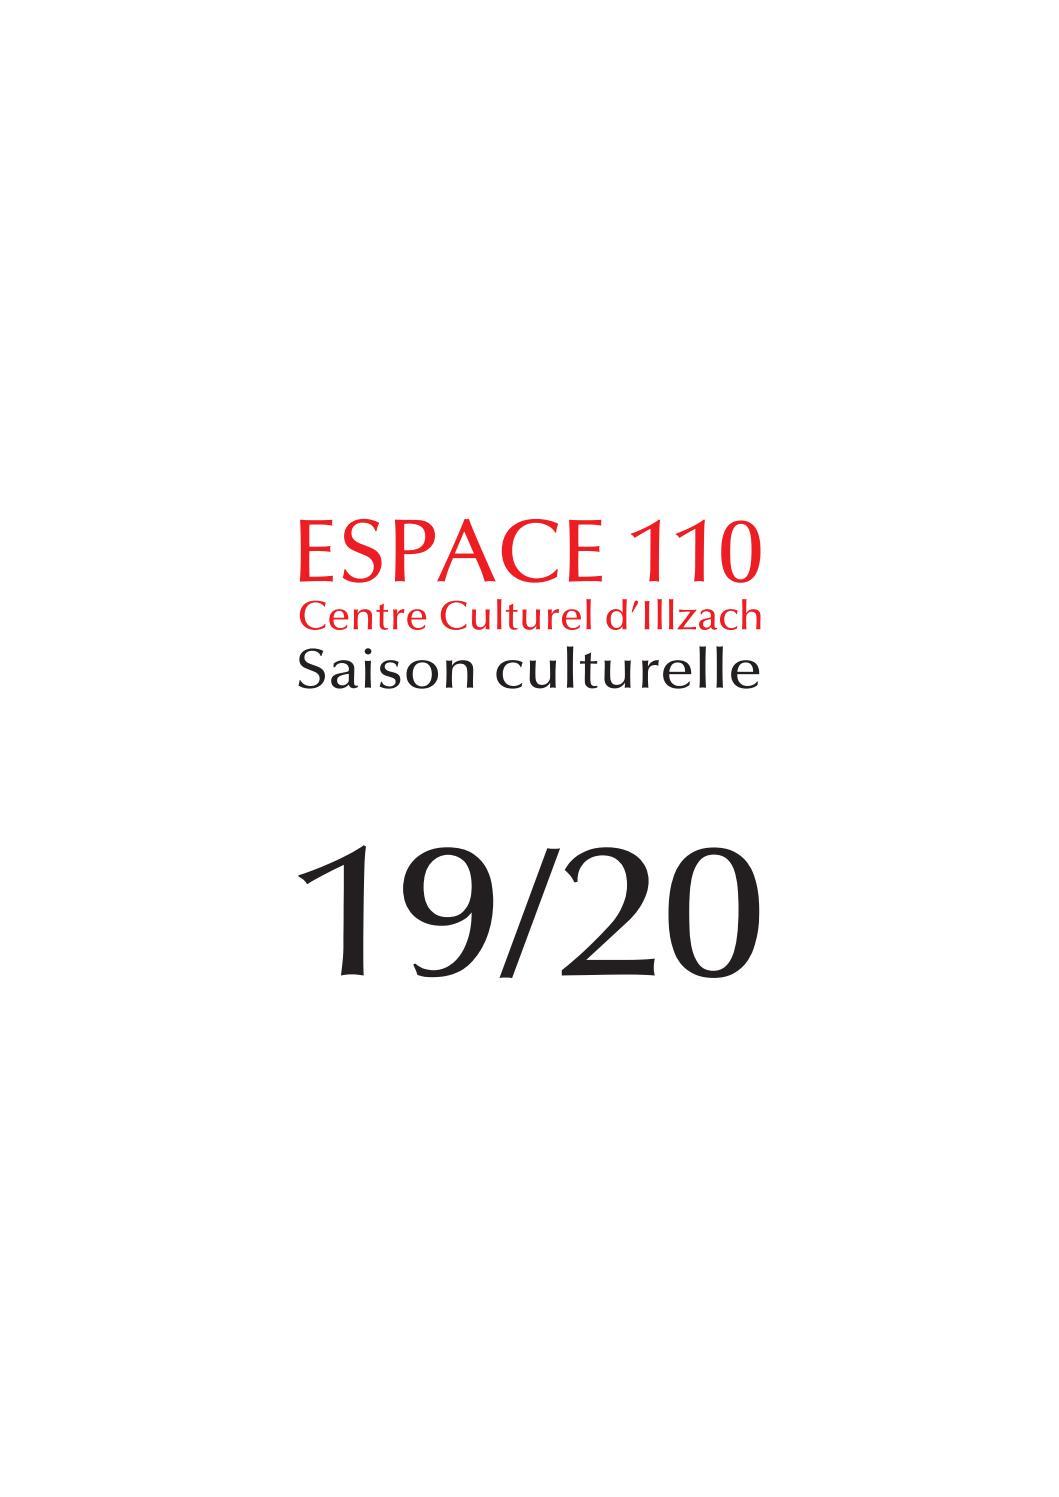 Saison culturelle 2019   2020 de l'Espace 110   Centre Culturel d